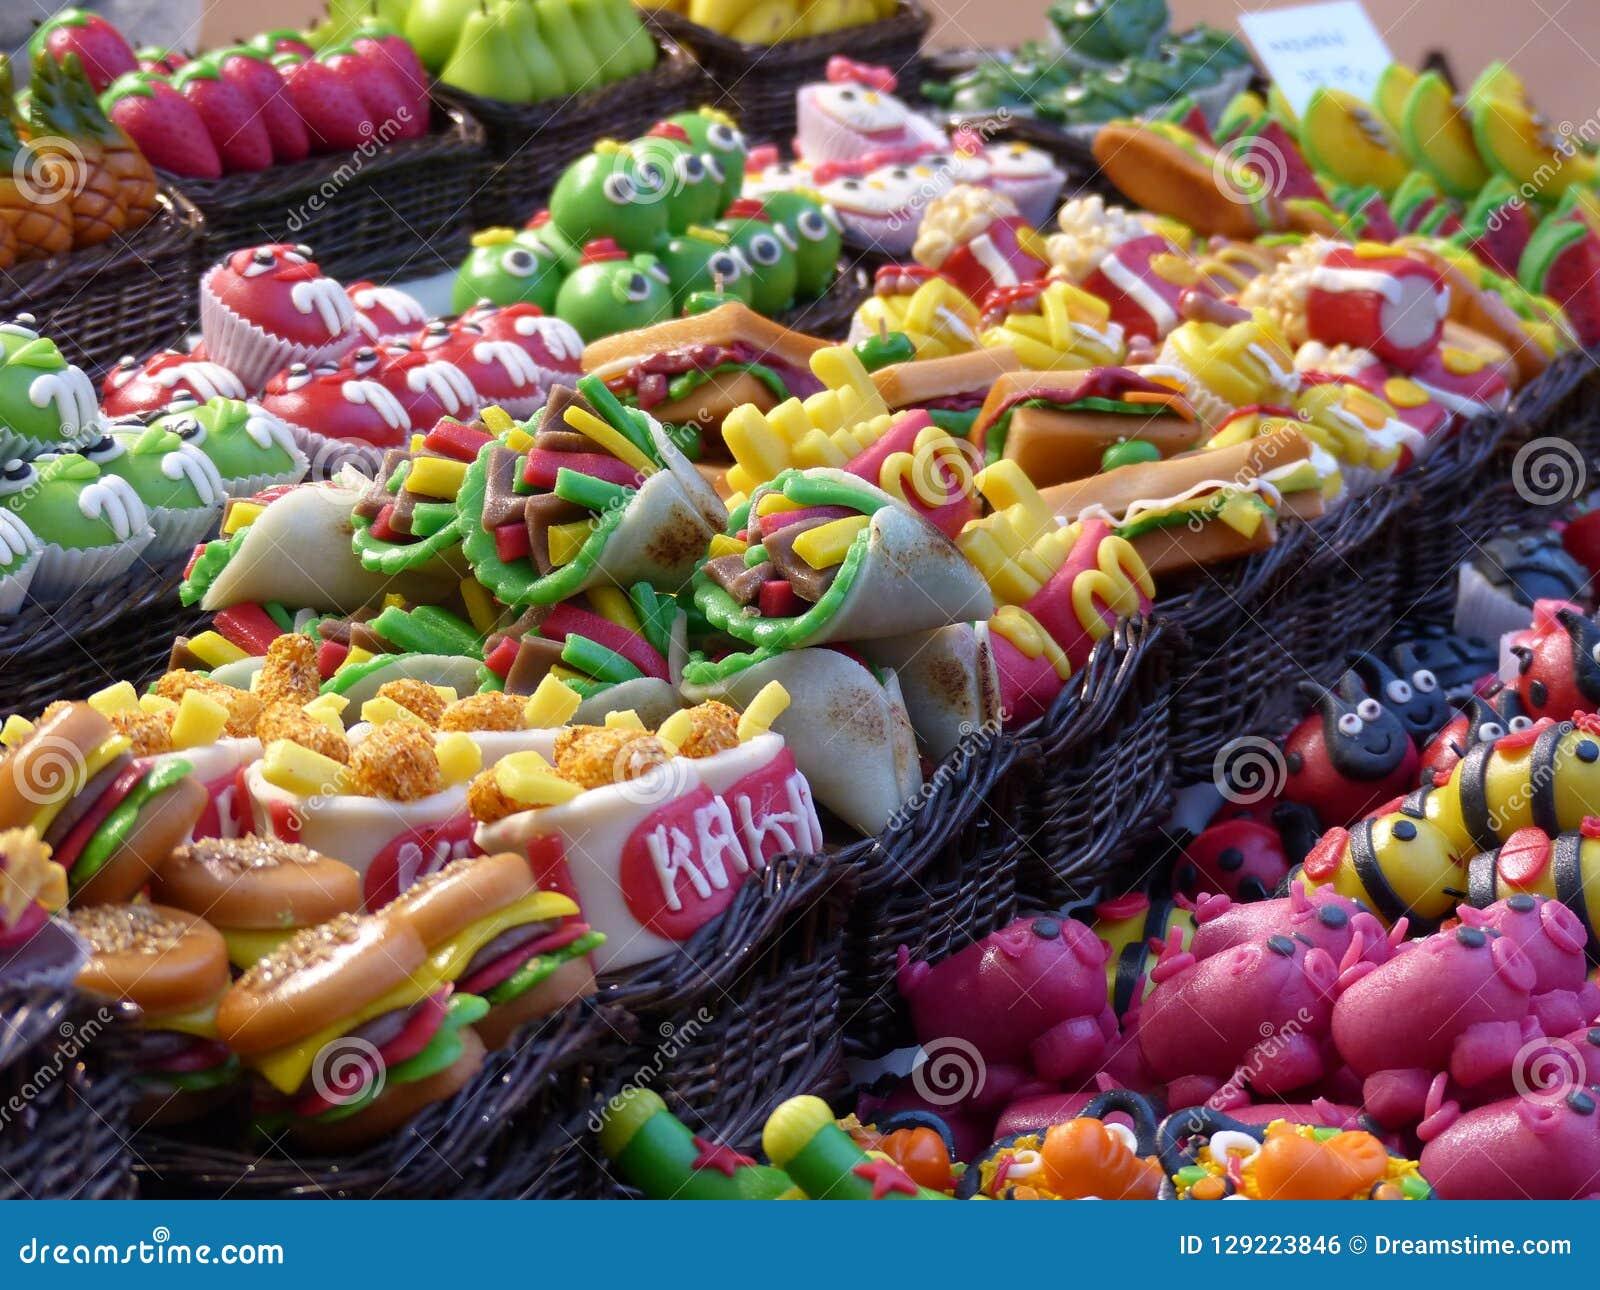 Zoet voedsel in typische marktplaats